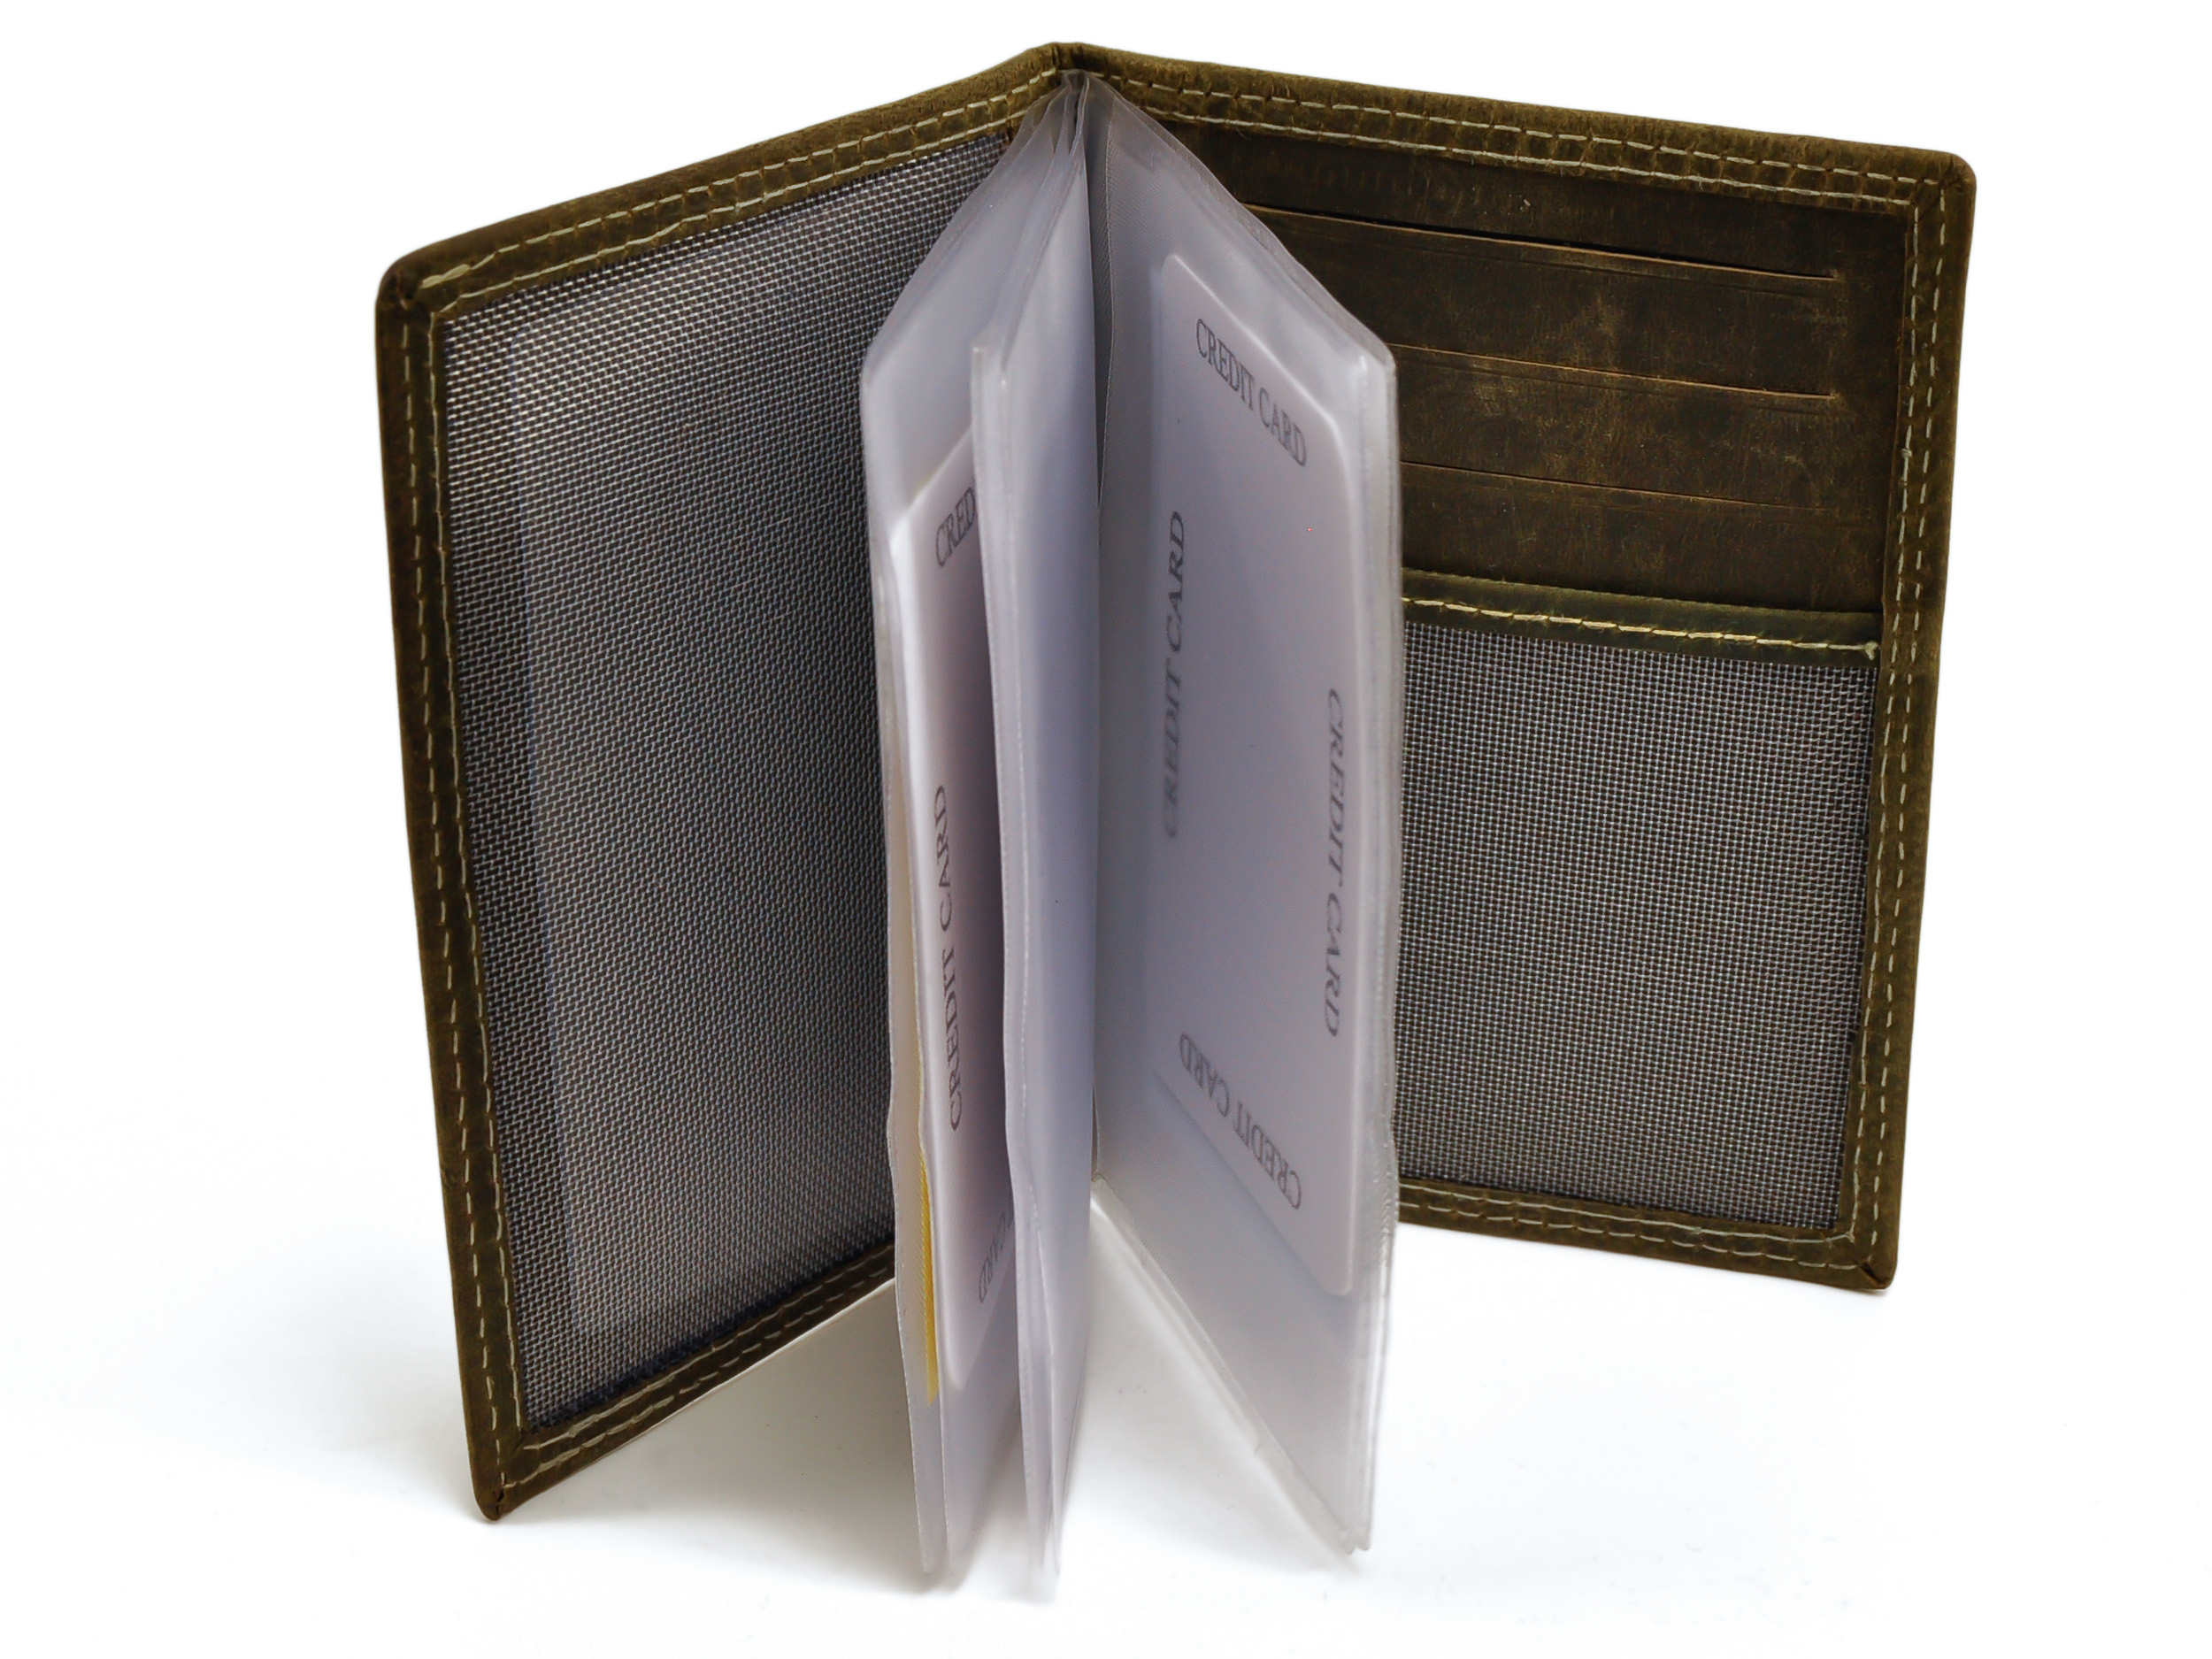 Pánské peněženky - Dokladovky